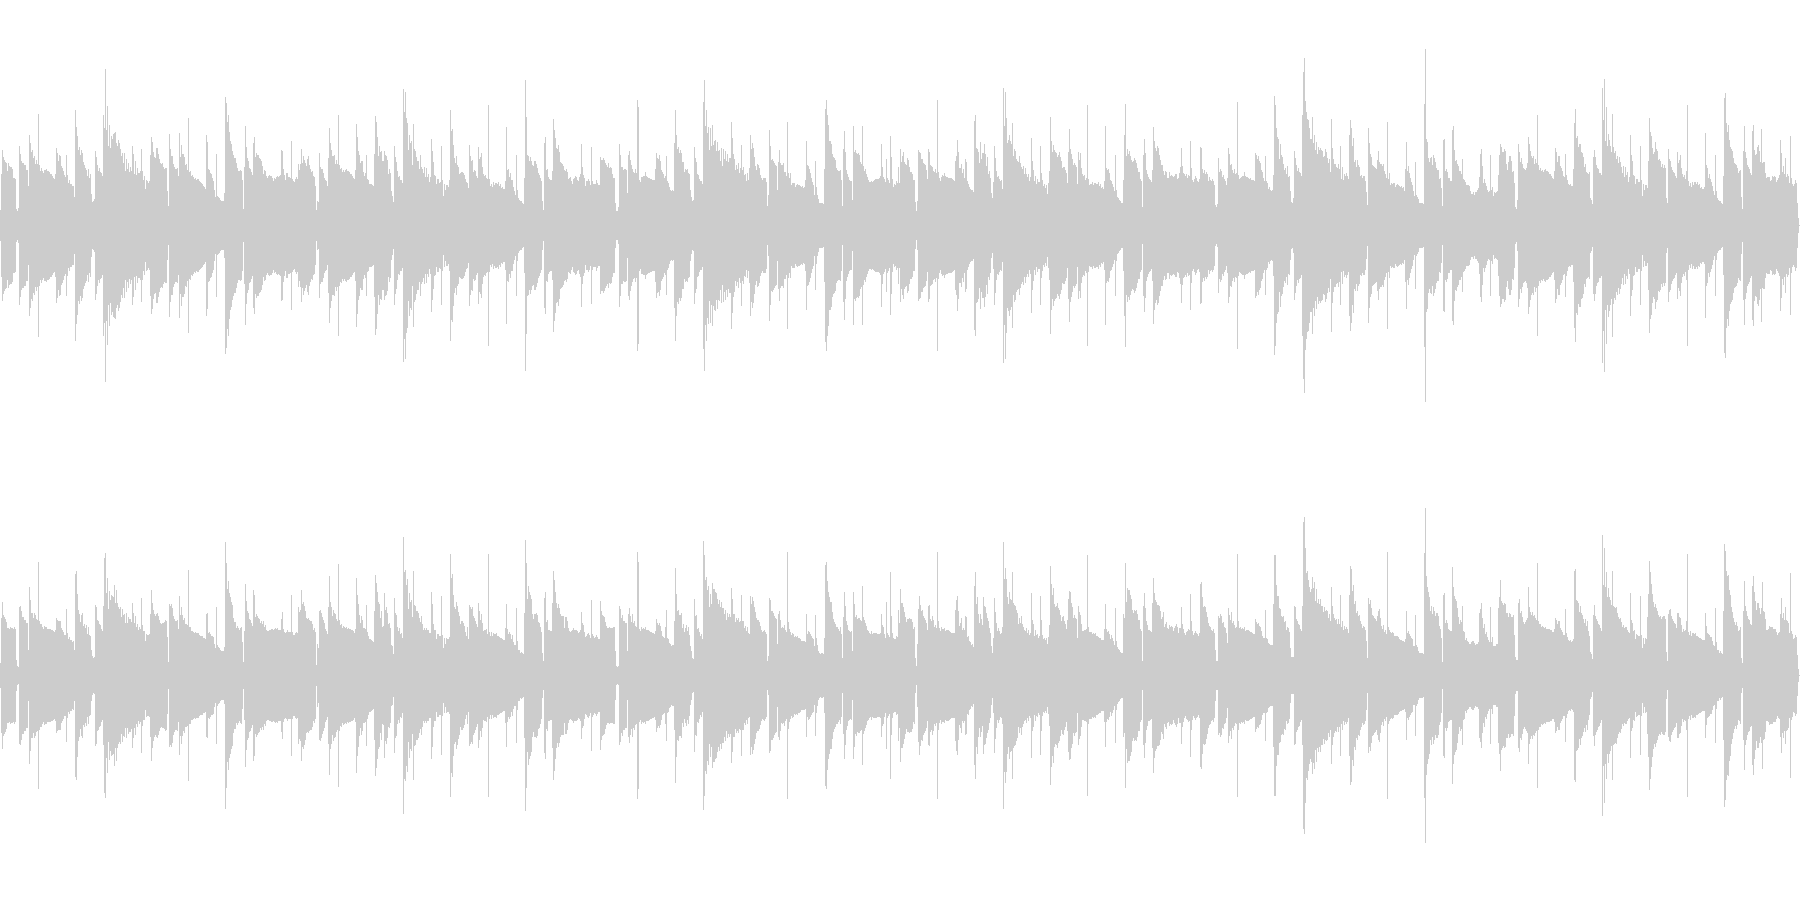 【52秒ループ】軽やかなボサノバハワイ曲の未再生の波形